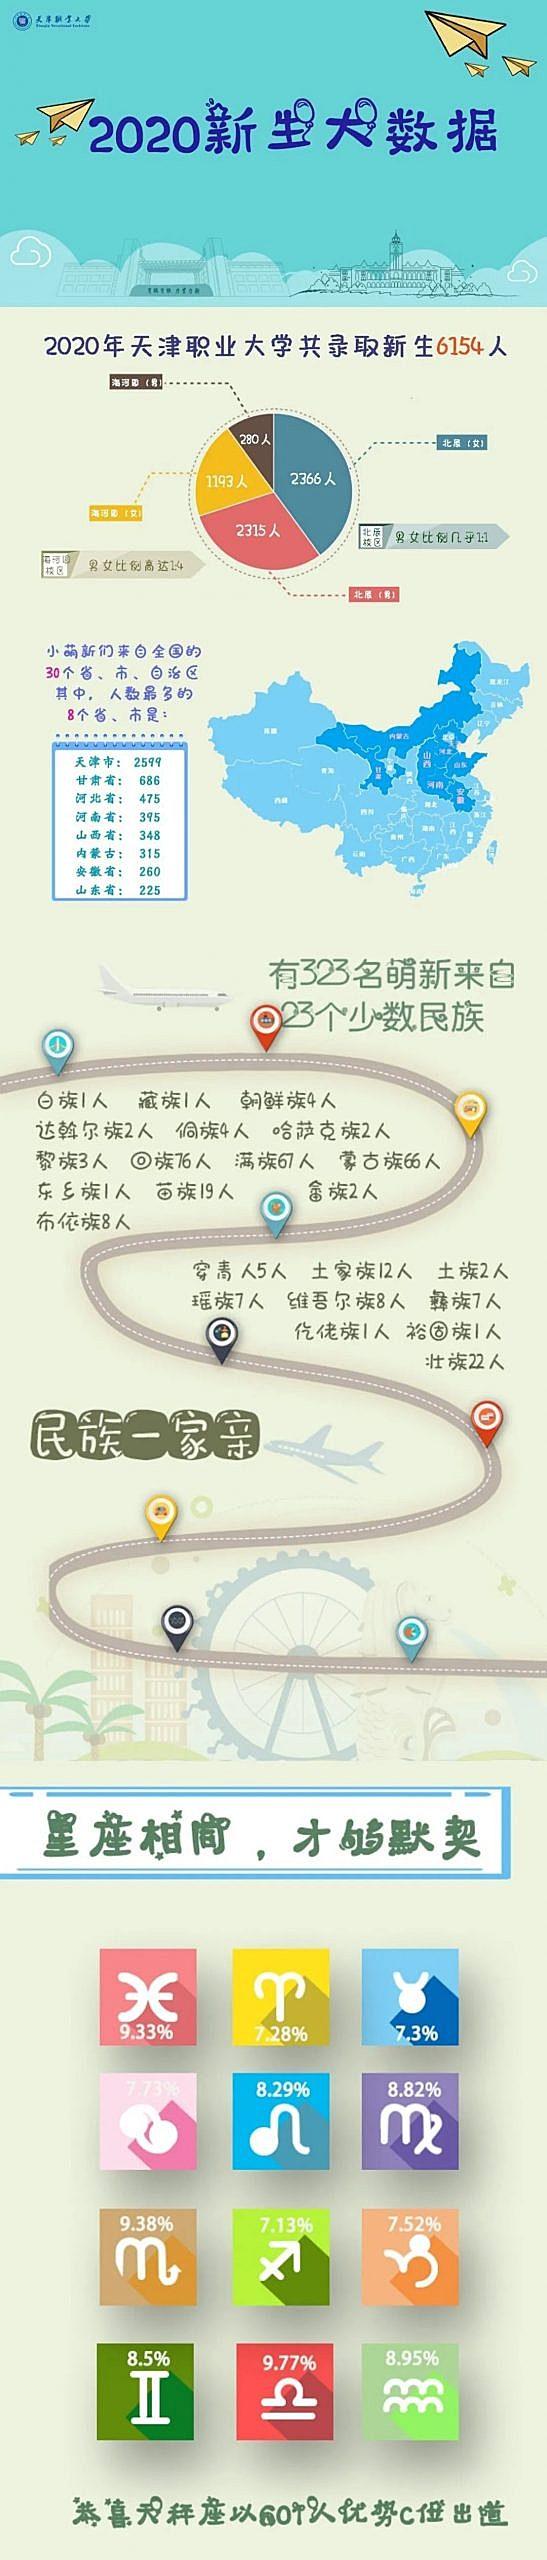 天津职业大学2020新生数据大揭秘